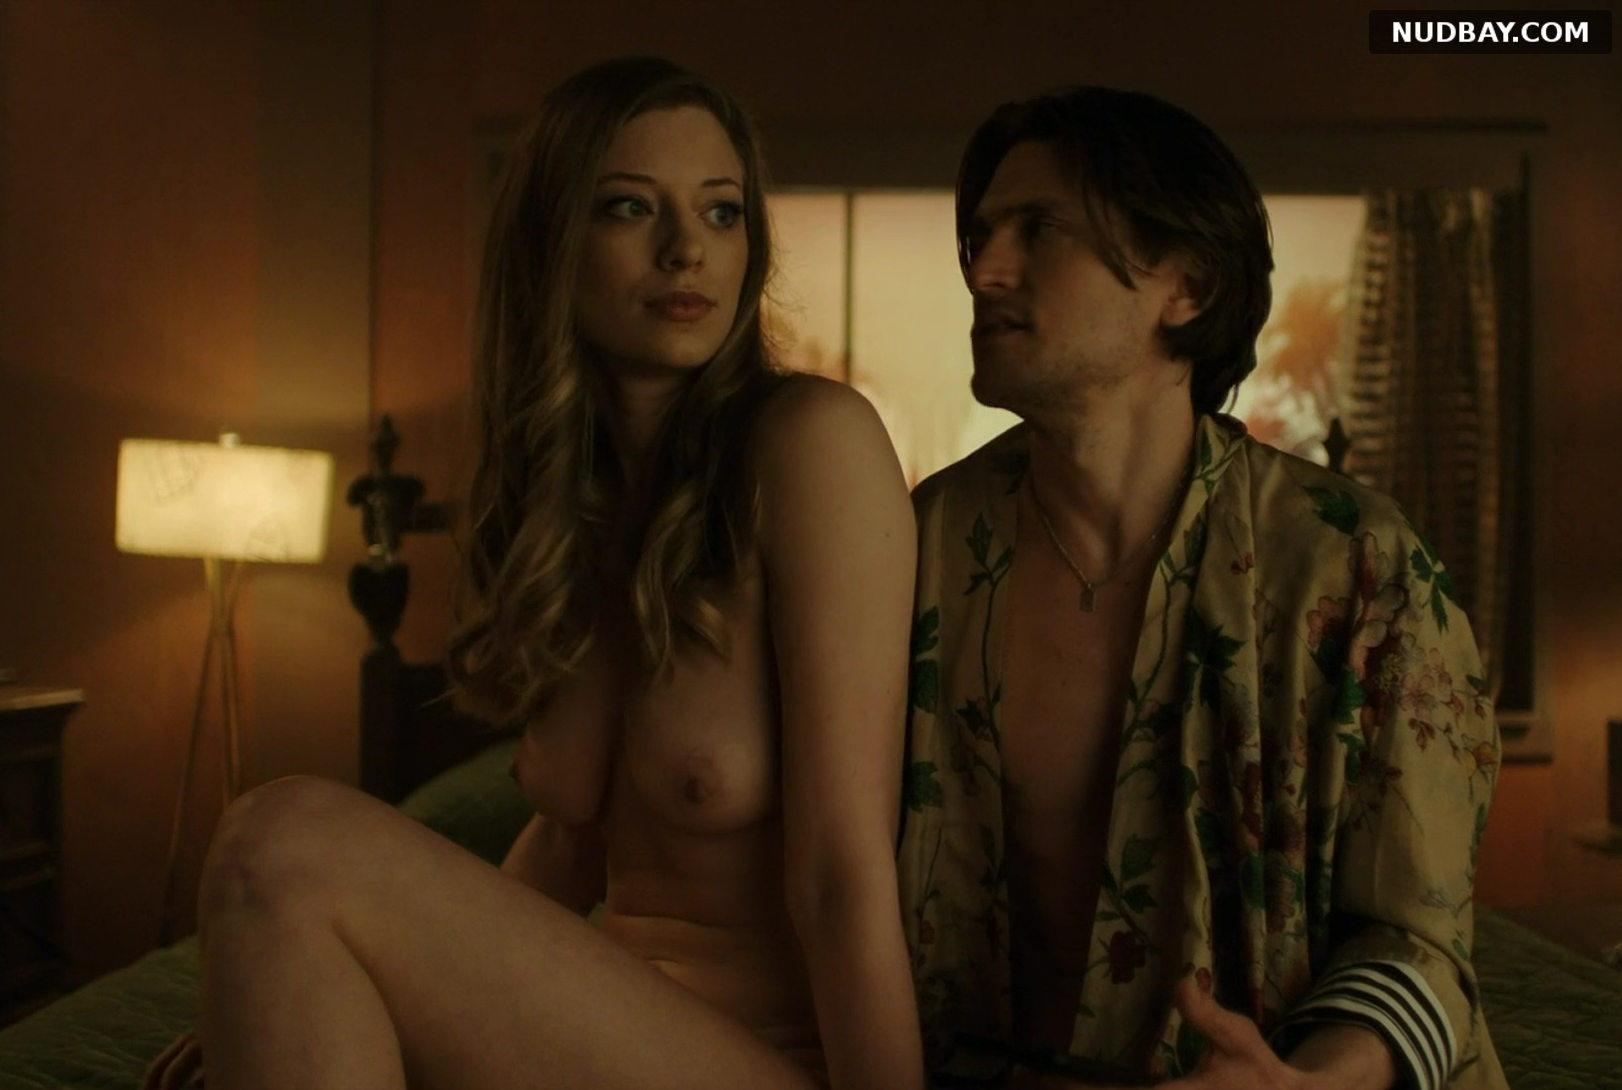 Katie Buitendyk nude in Titans S3 (2021)